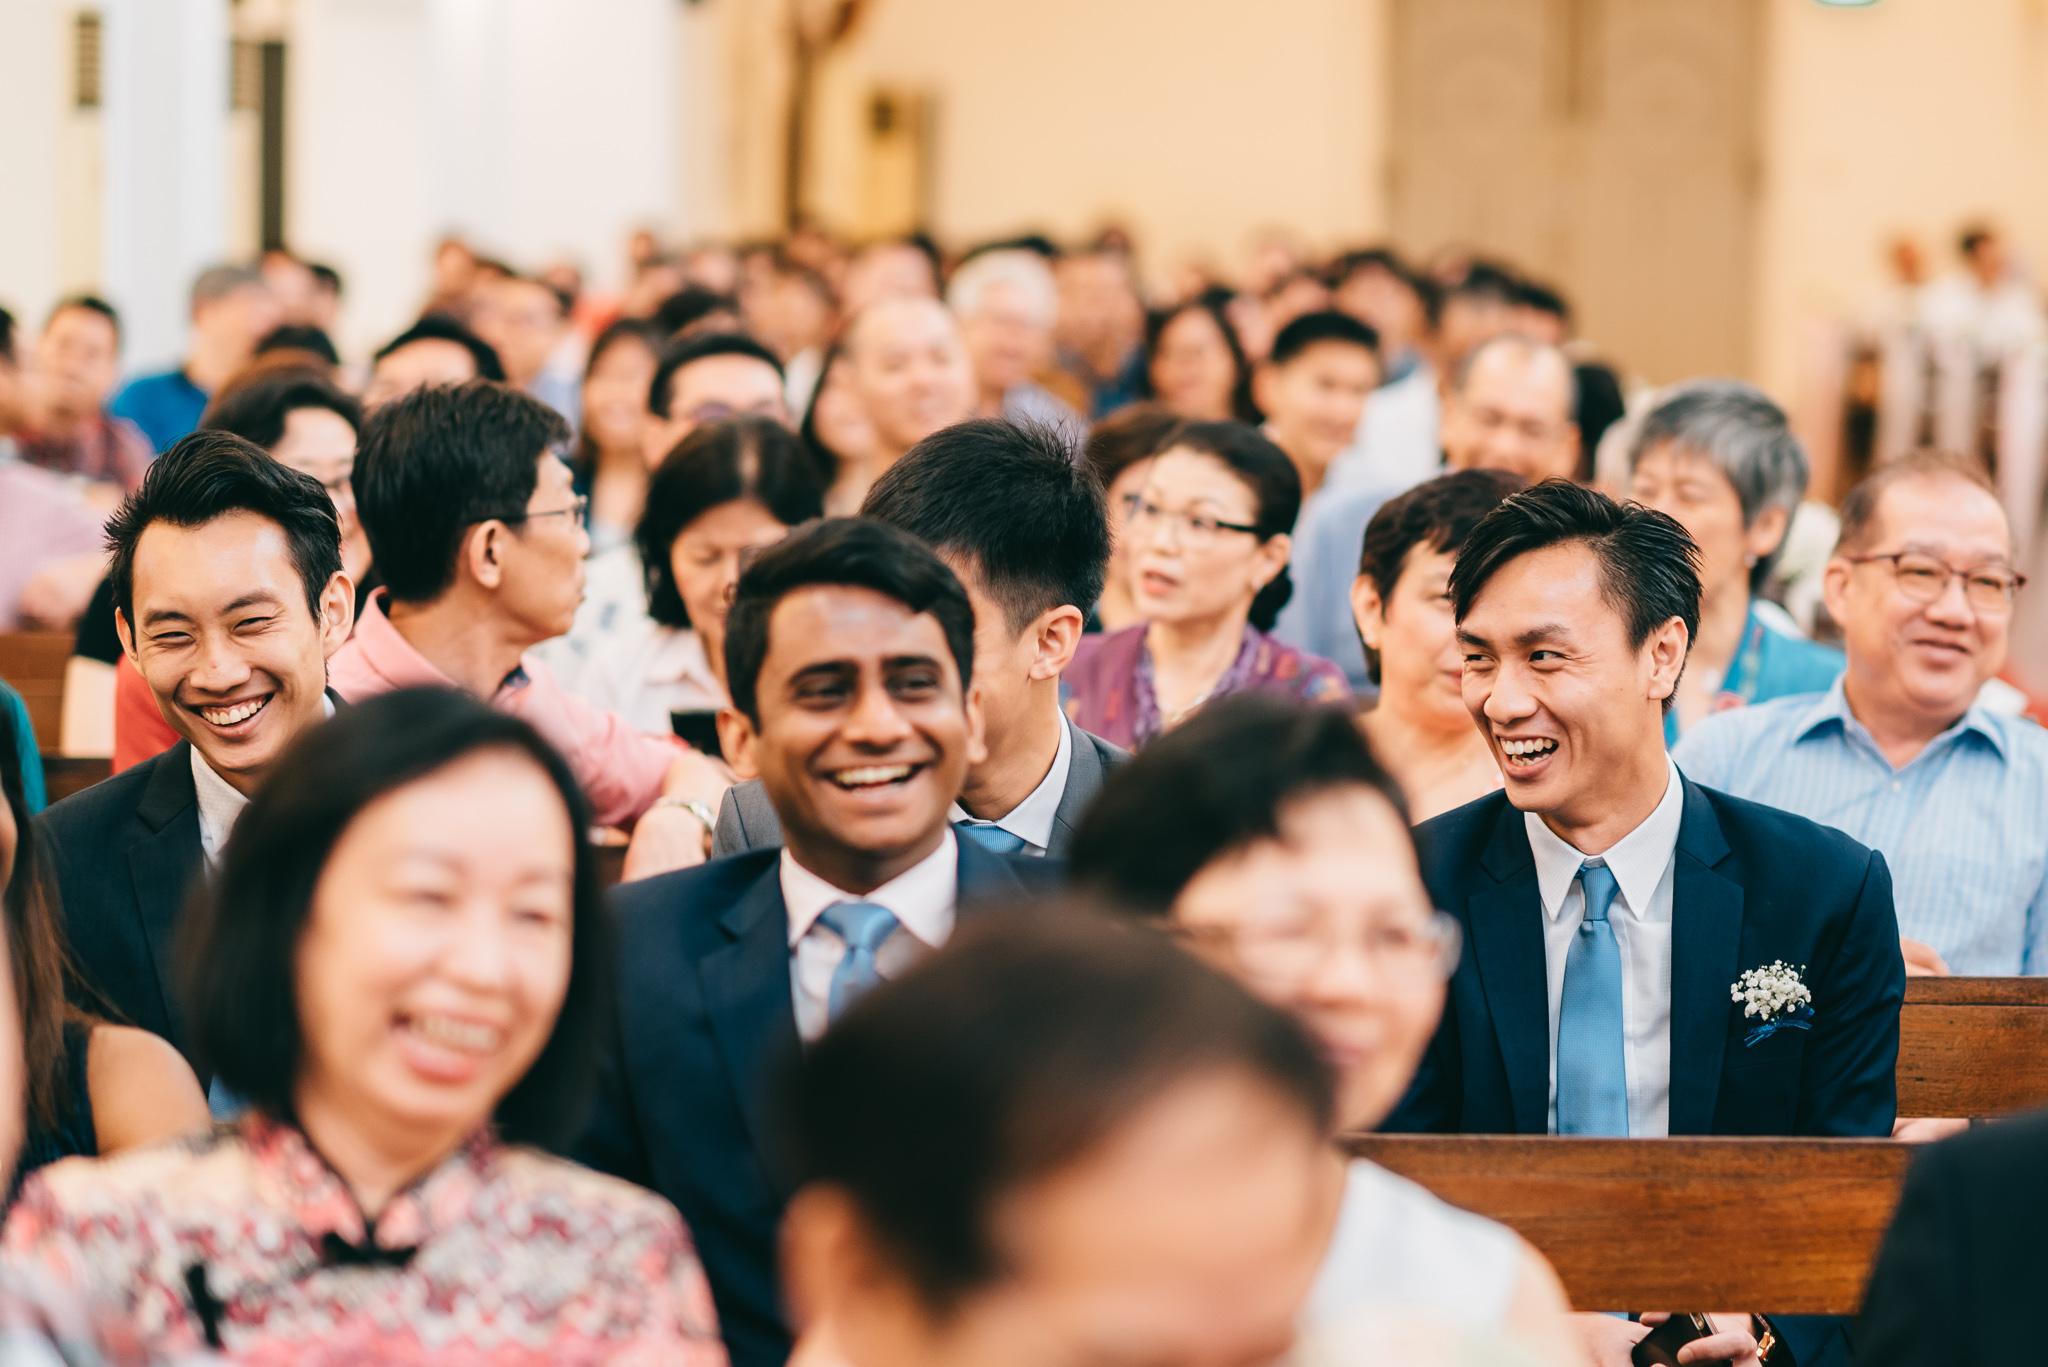 Lionel & Karen Wedding Day Highlights (resized for sharing) - 092.jpg